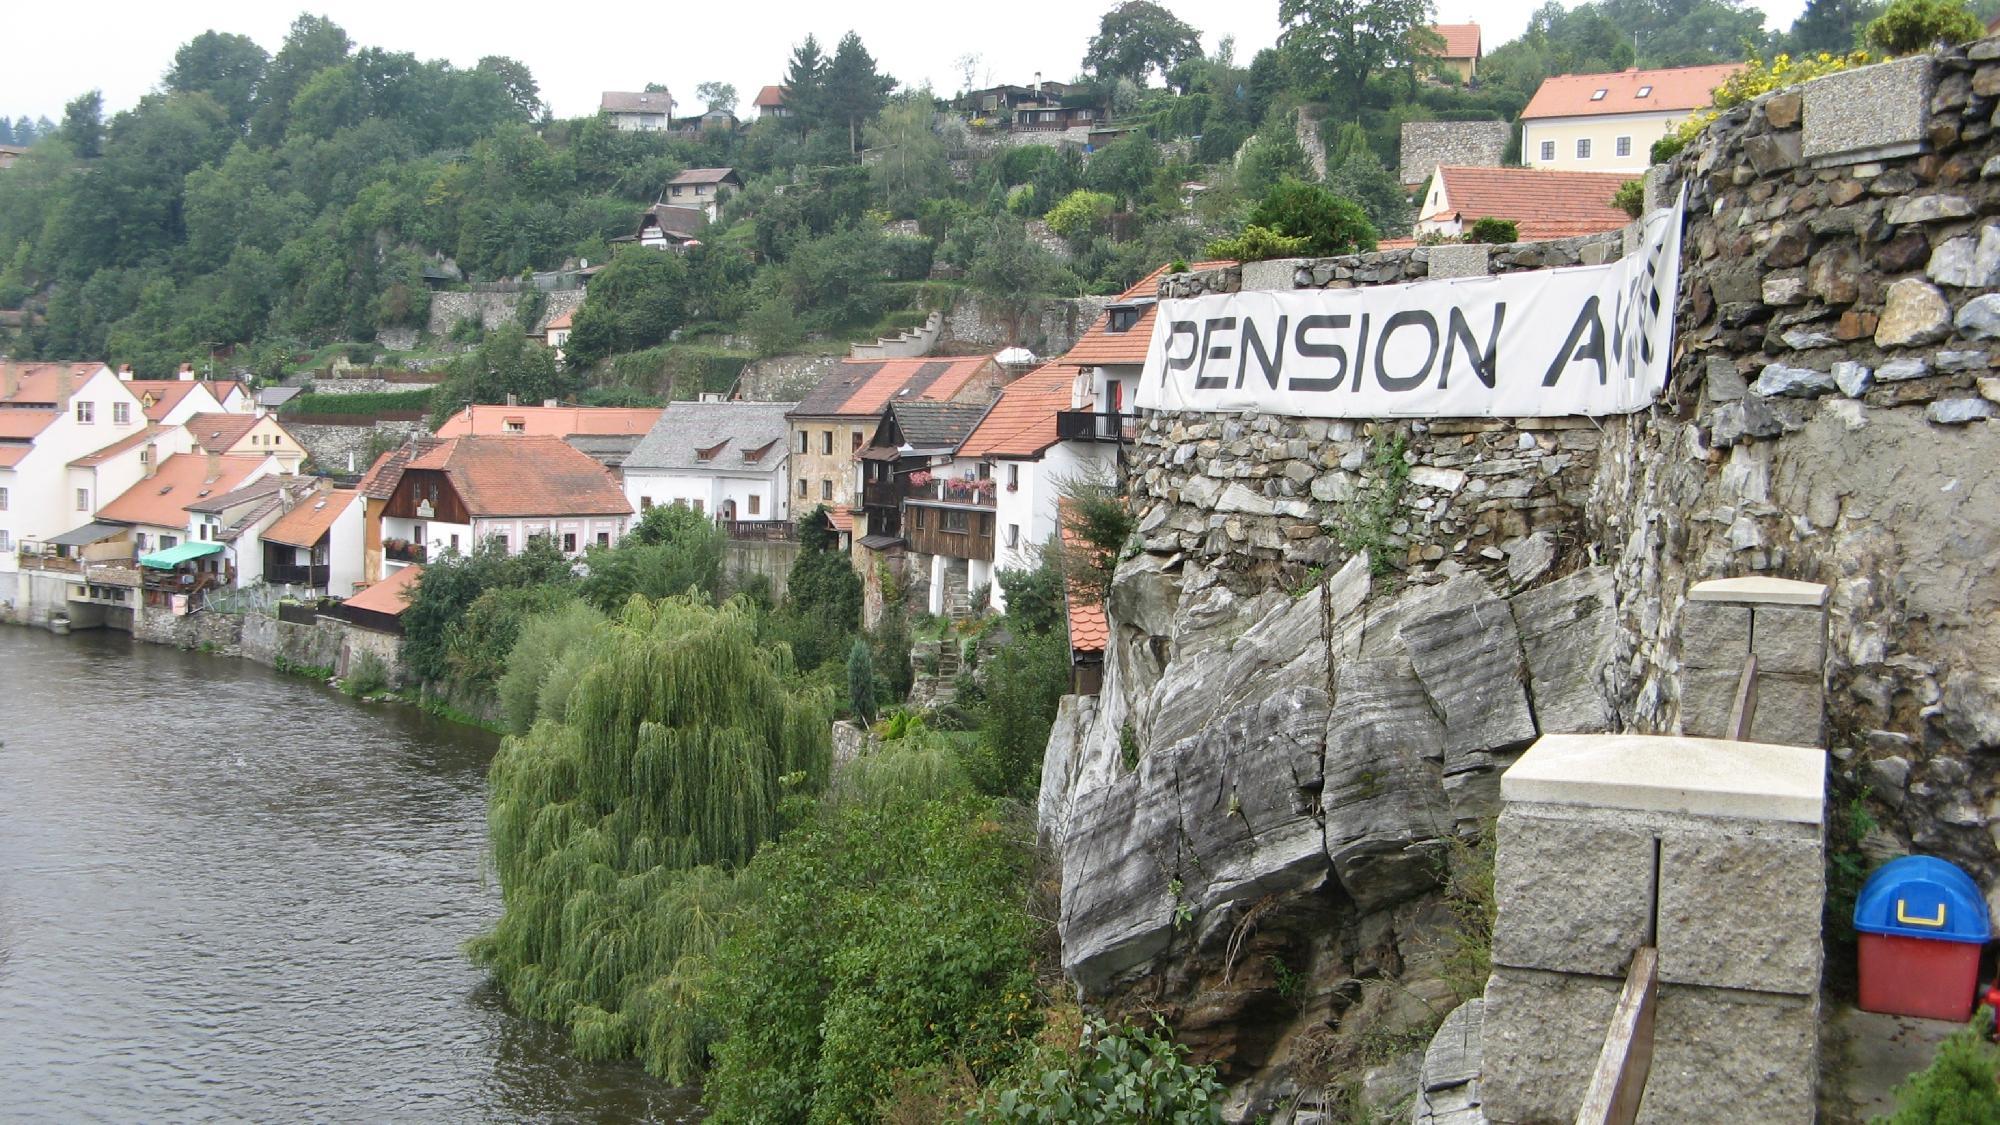 Pension Antoni